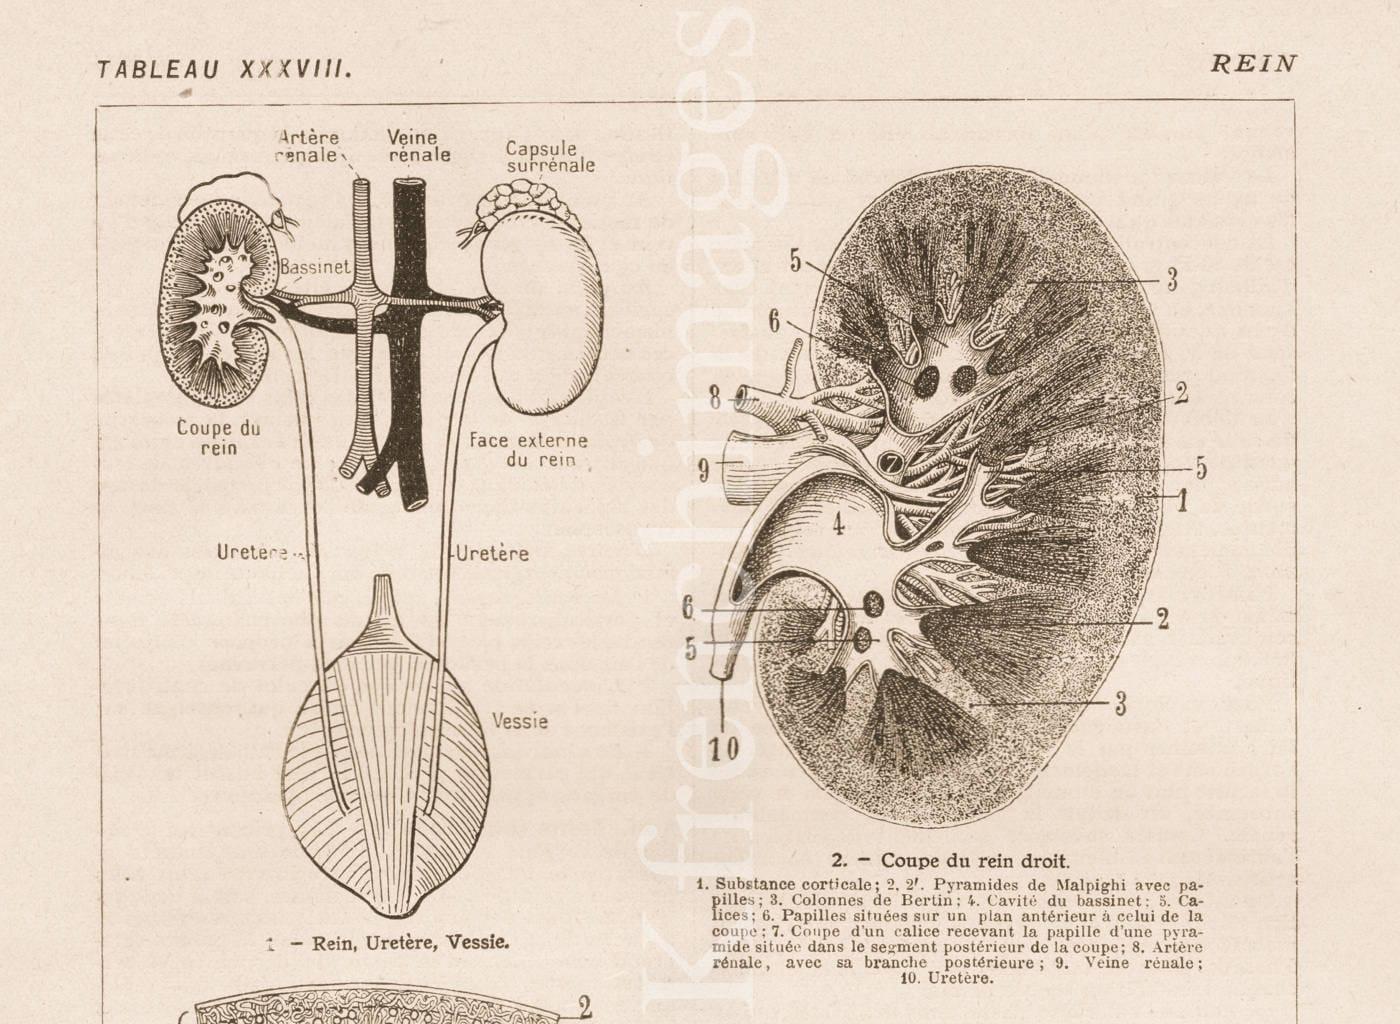 Niere Anatomie Platte Französisch Jahrgang Druck 1920 | Etsy